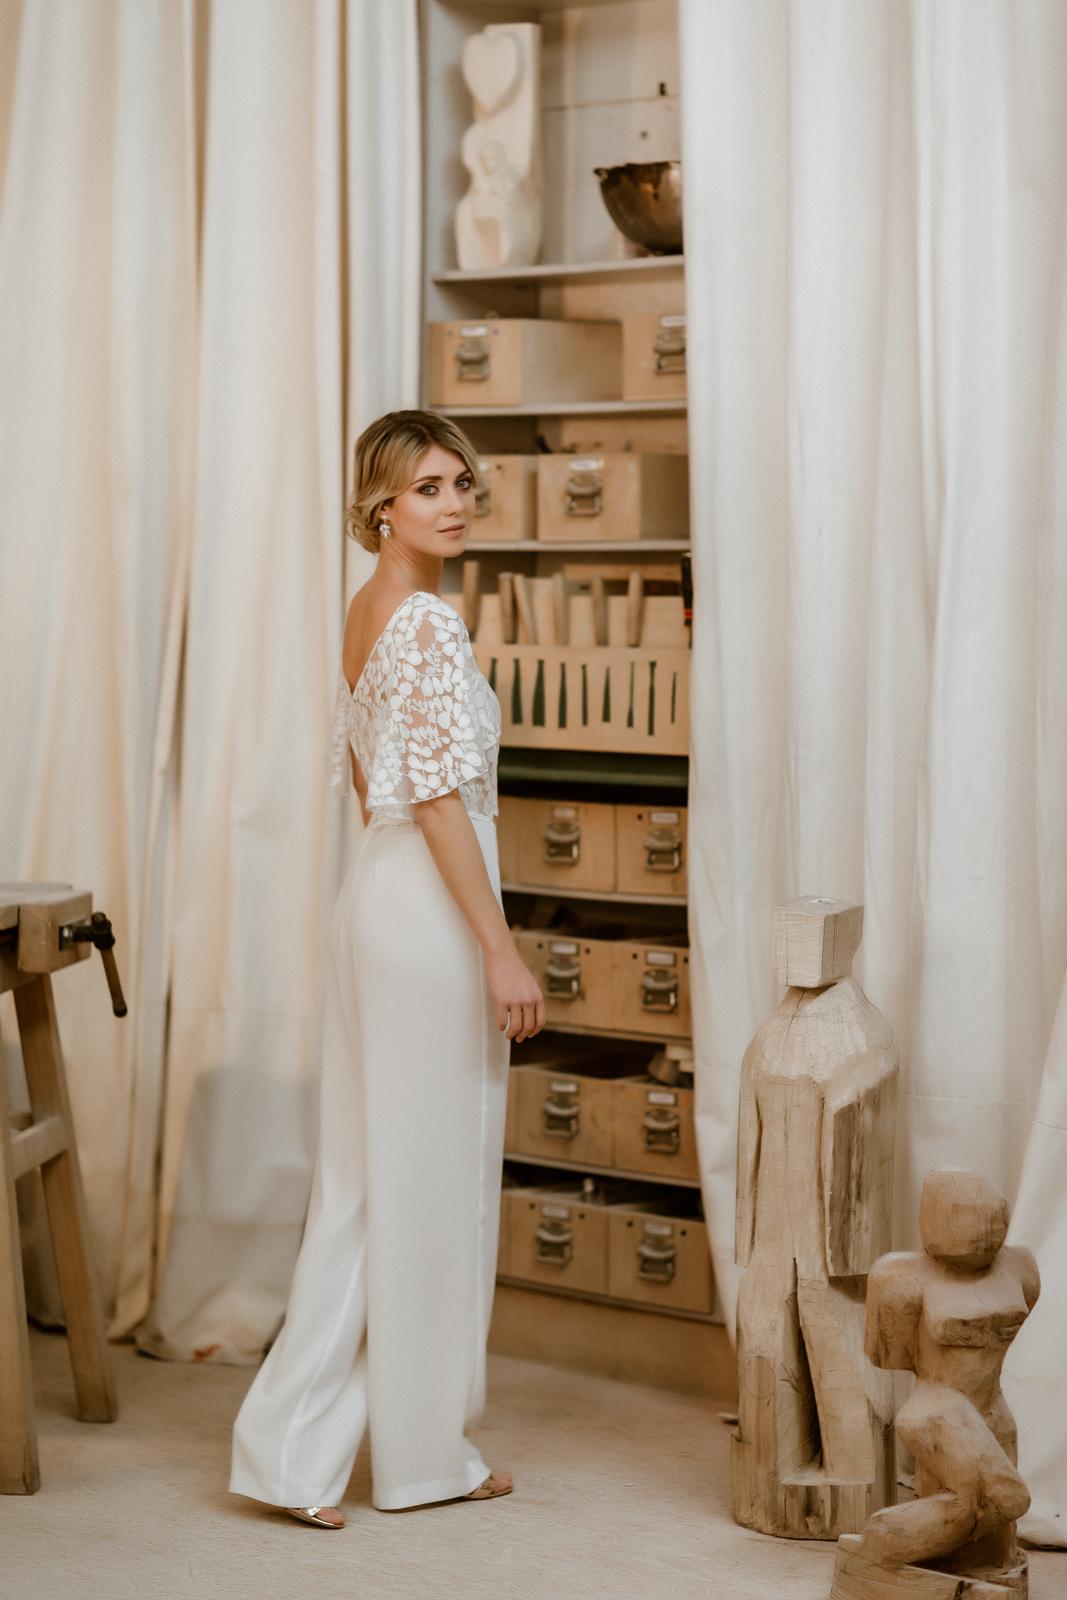 noni Jubiläumskollektion | Spitzentop mit Flügelärmeln und Rückenausschnitt mit langer Brauthose für zweiteiligen Hosenanzug, Ganzkörperbild, Halbprofil (Foto: Le Hai Linh)